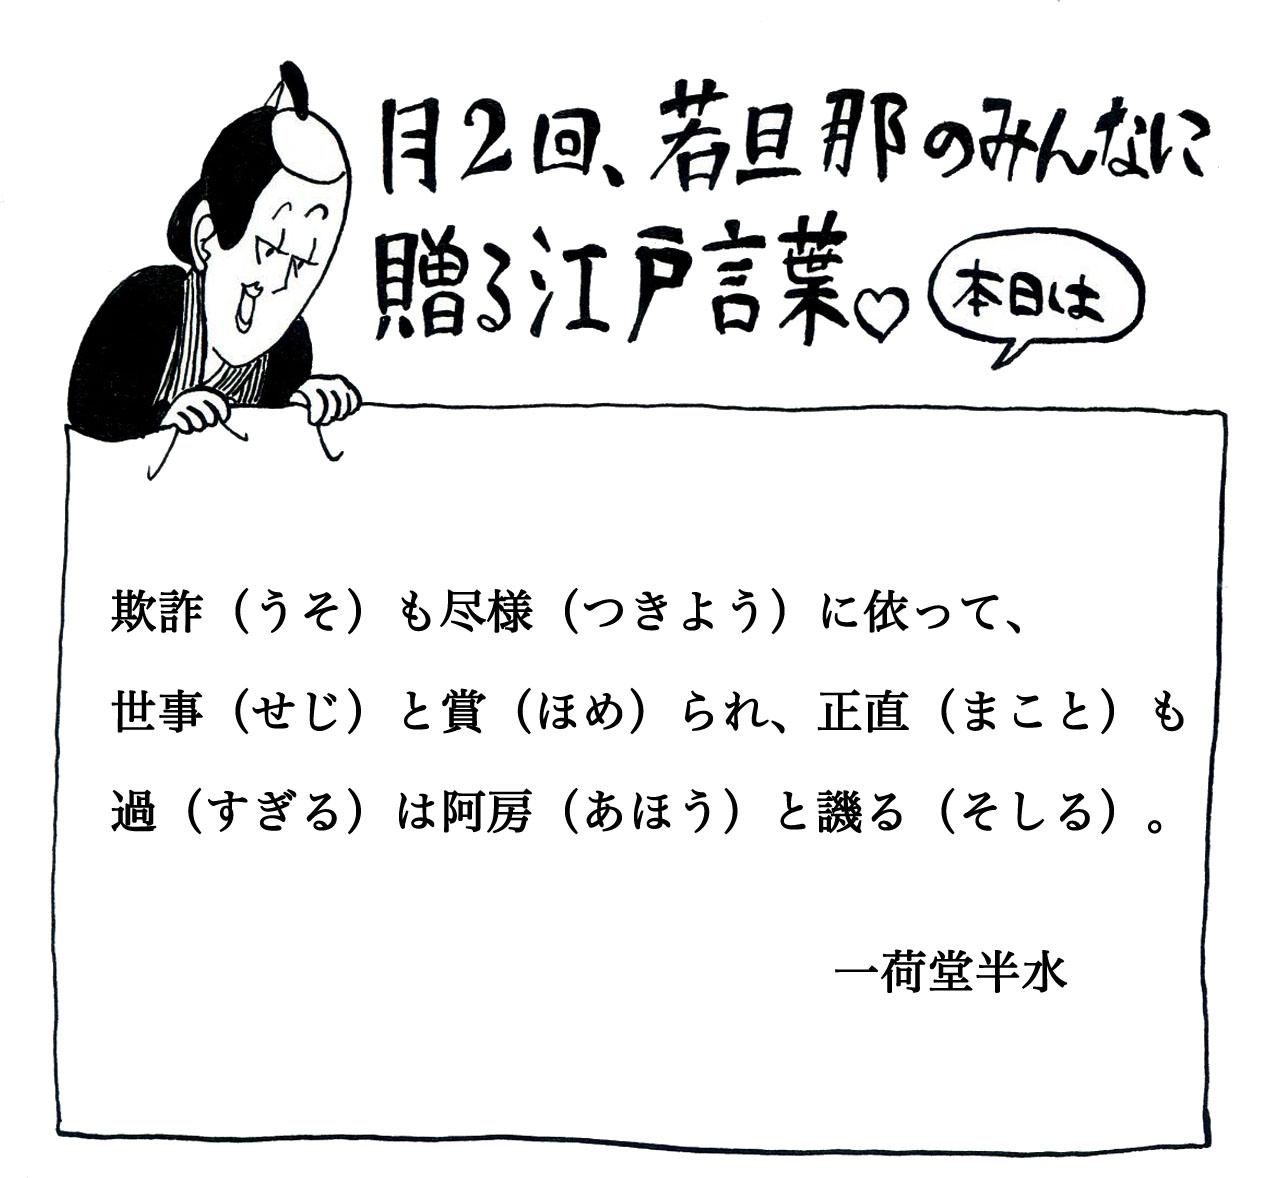 諺臍の宿替